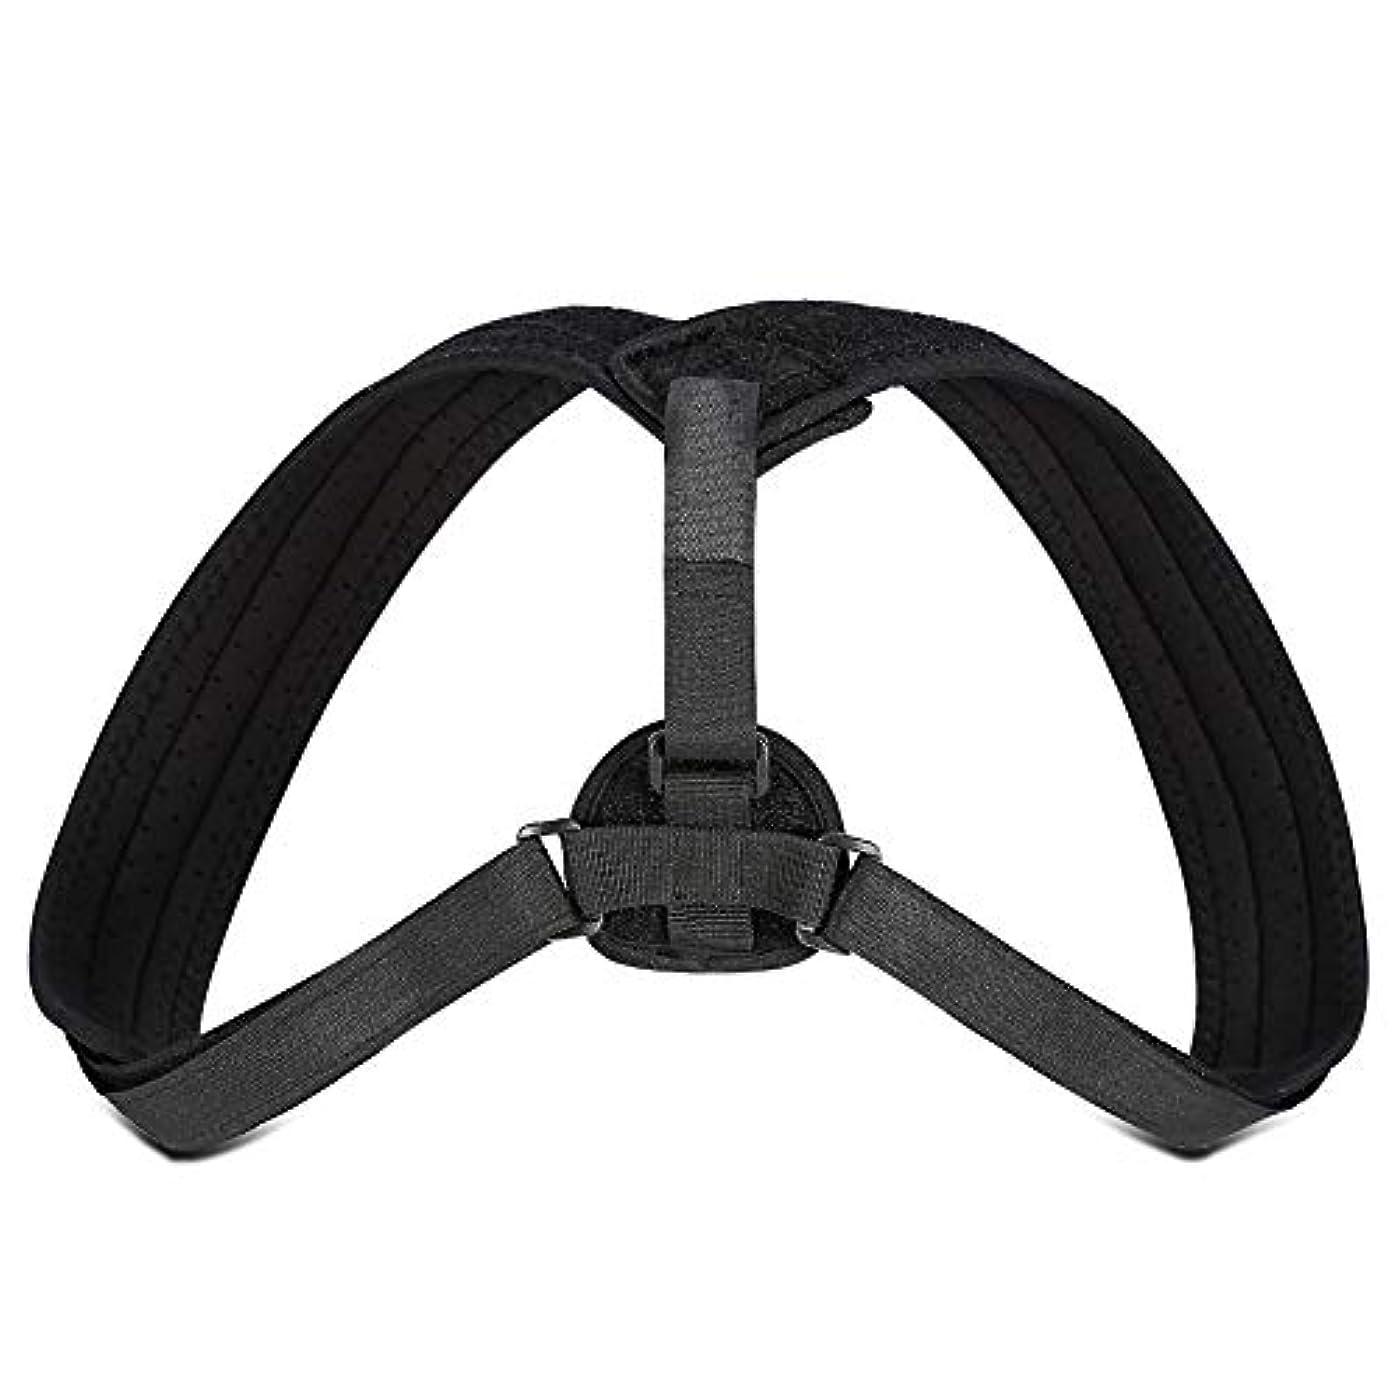 インカ帝国慣らす富Yosoo Posture Corrector - ブレースアッパーバックネックショルダーサポートアジャスタブルストラップ、肩の体位補正、整形外科用こぶの緩和のための包帯矯正、ティーン用